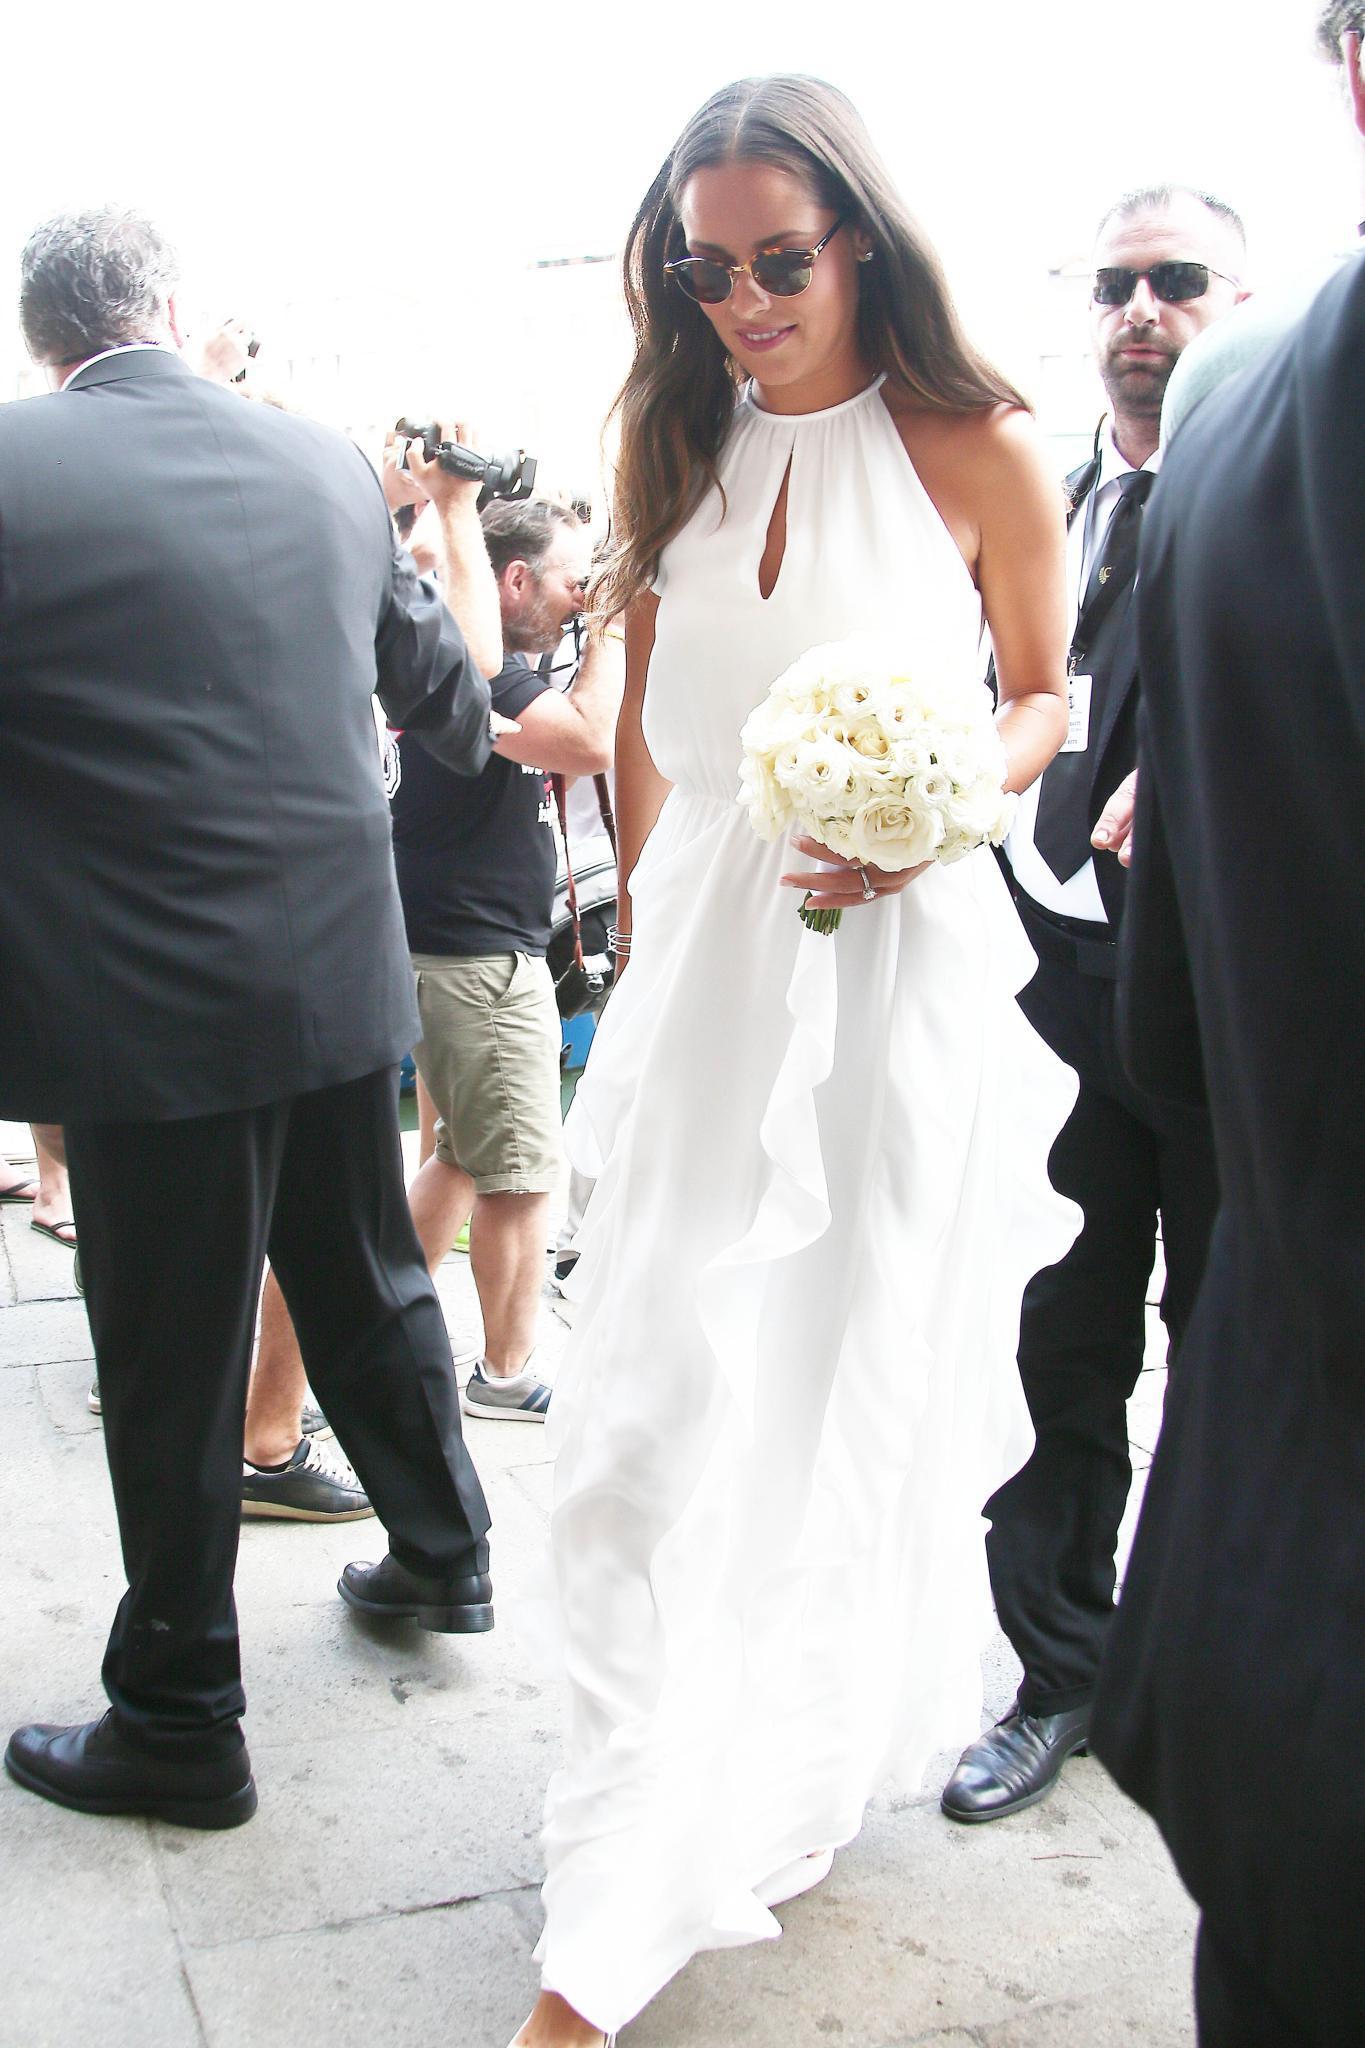 Umwerfend: Tennisstar Ana Ivanovic in einem elganten Brautkleid.